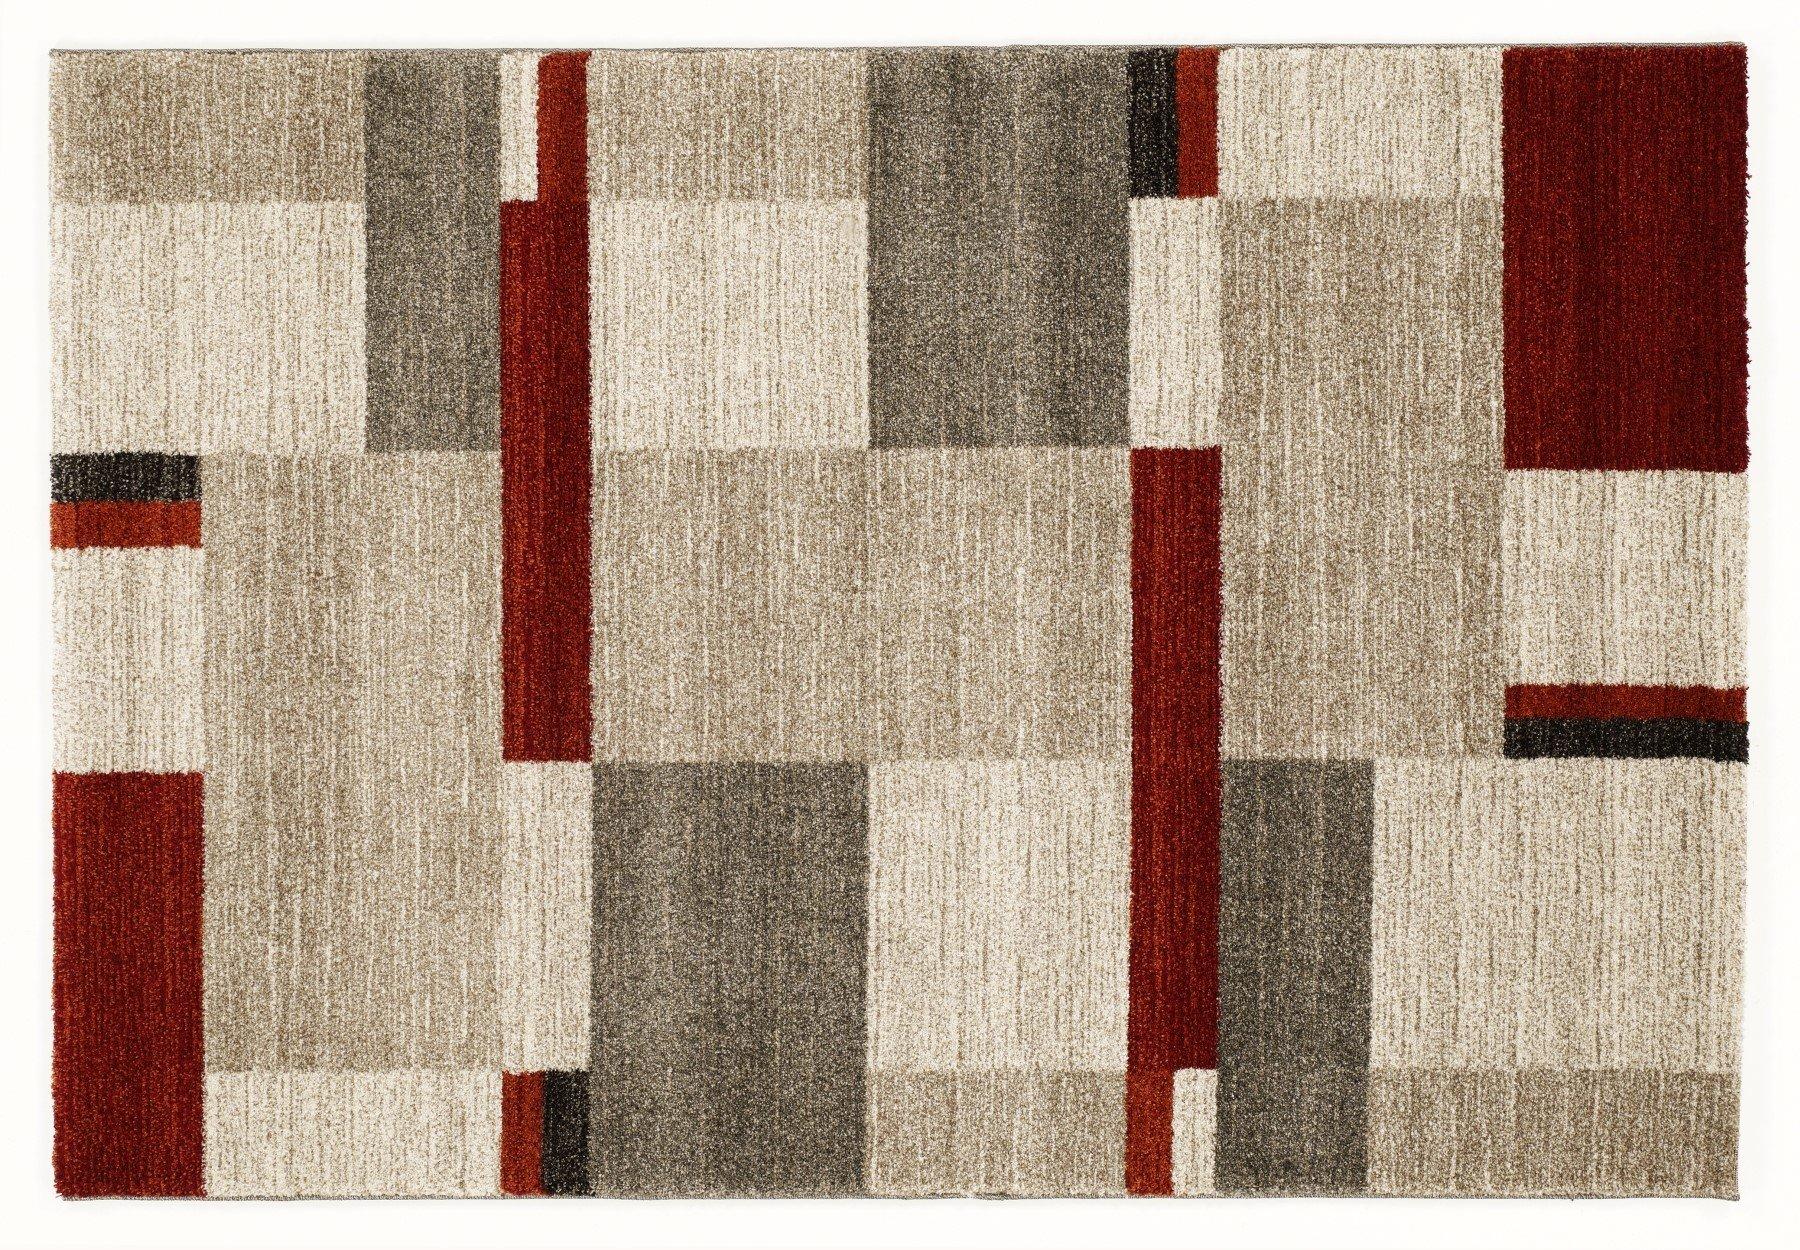 moderner Designer Teppich Öko-Tex CASTLE BEPPO beige-braun-rot